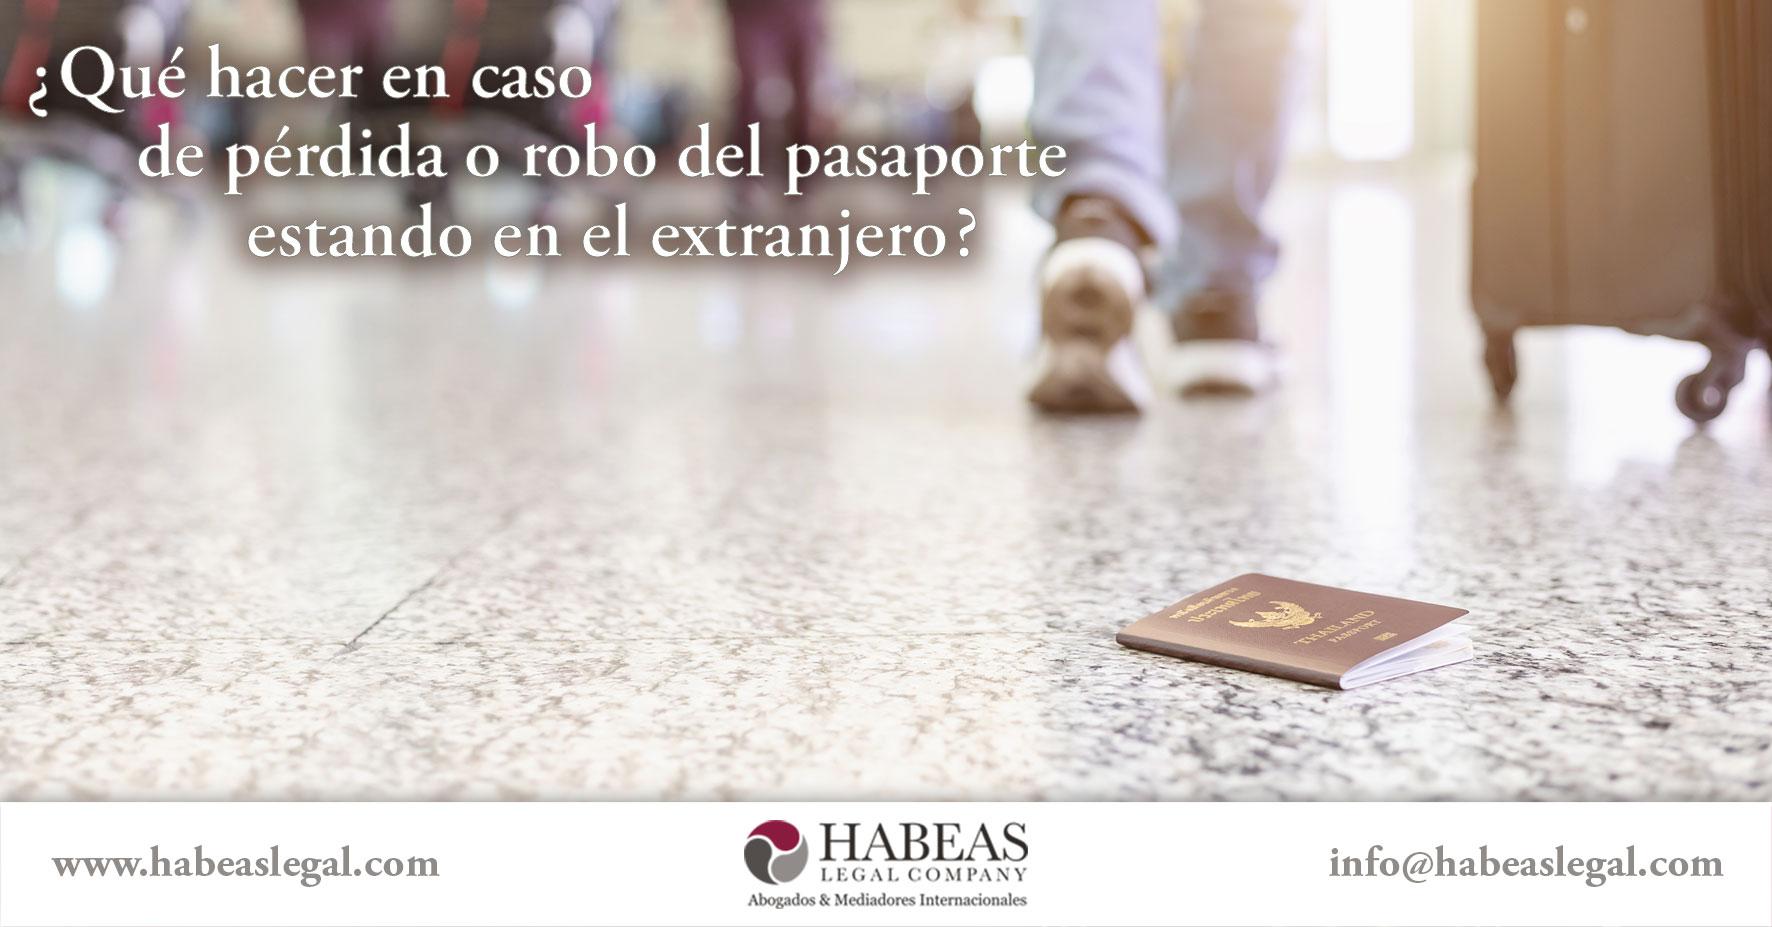 Perdida-Robo-Pasaporte-Extranjero-Habeas-Legal